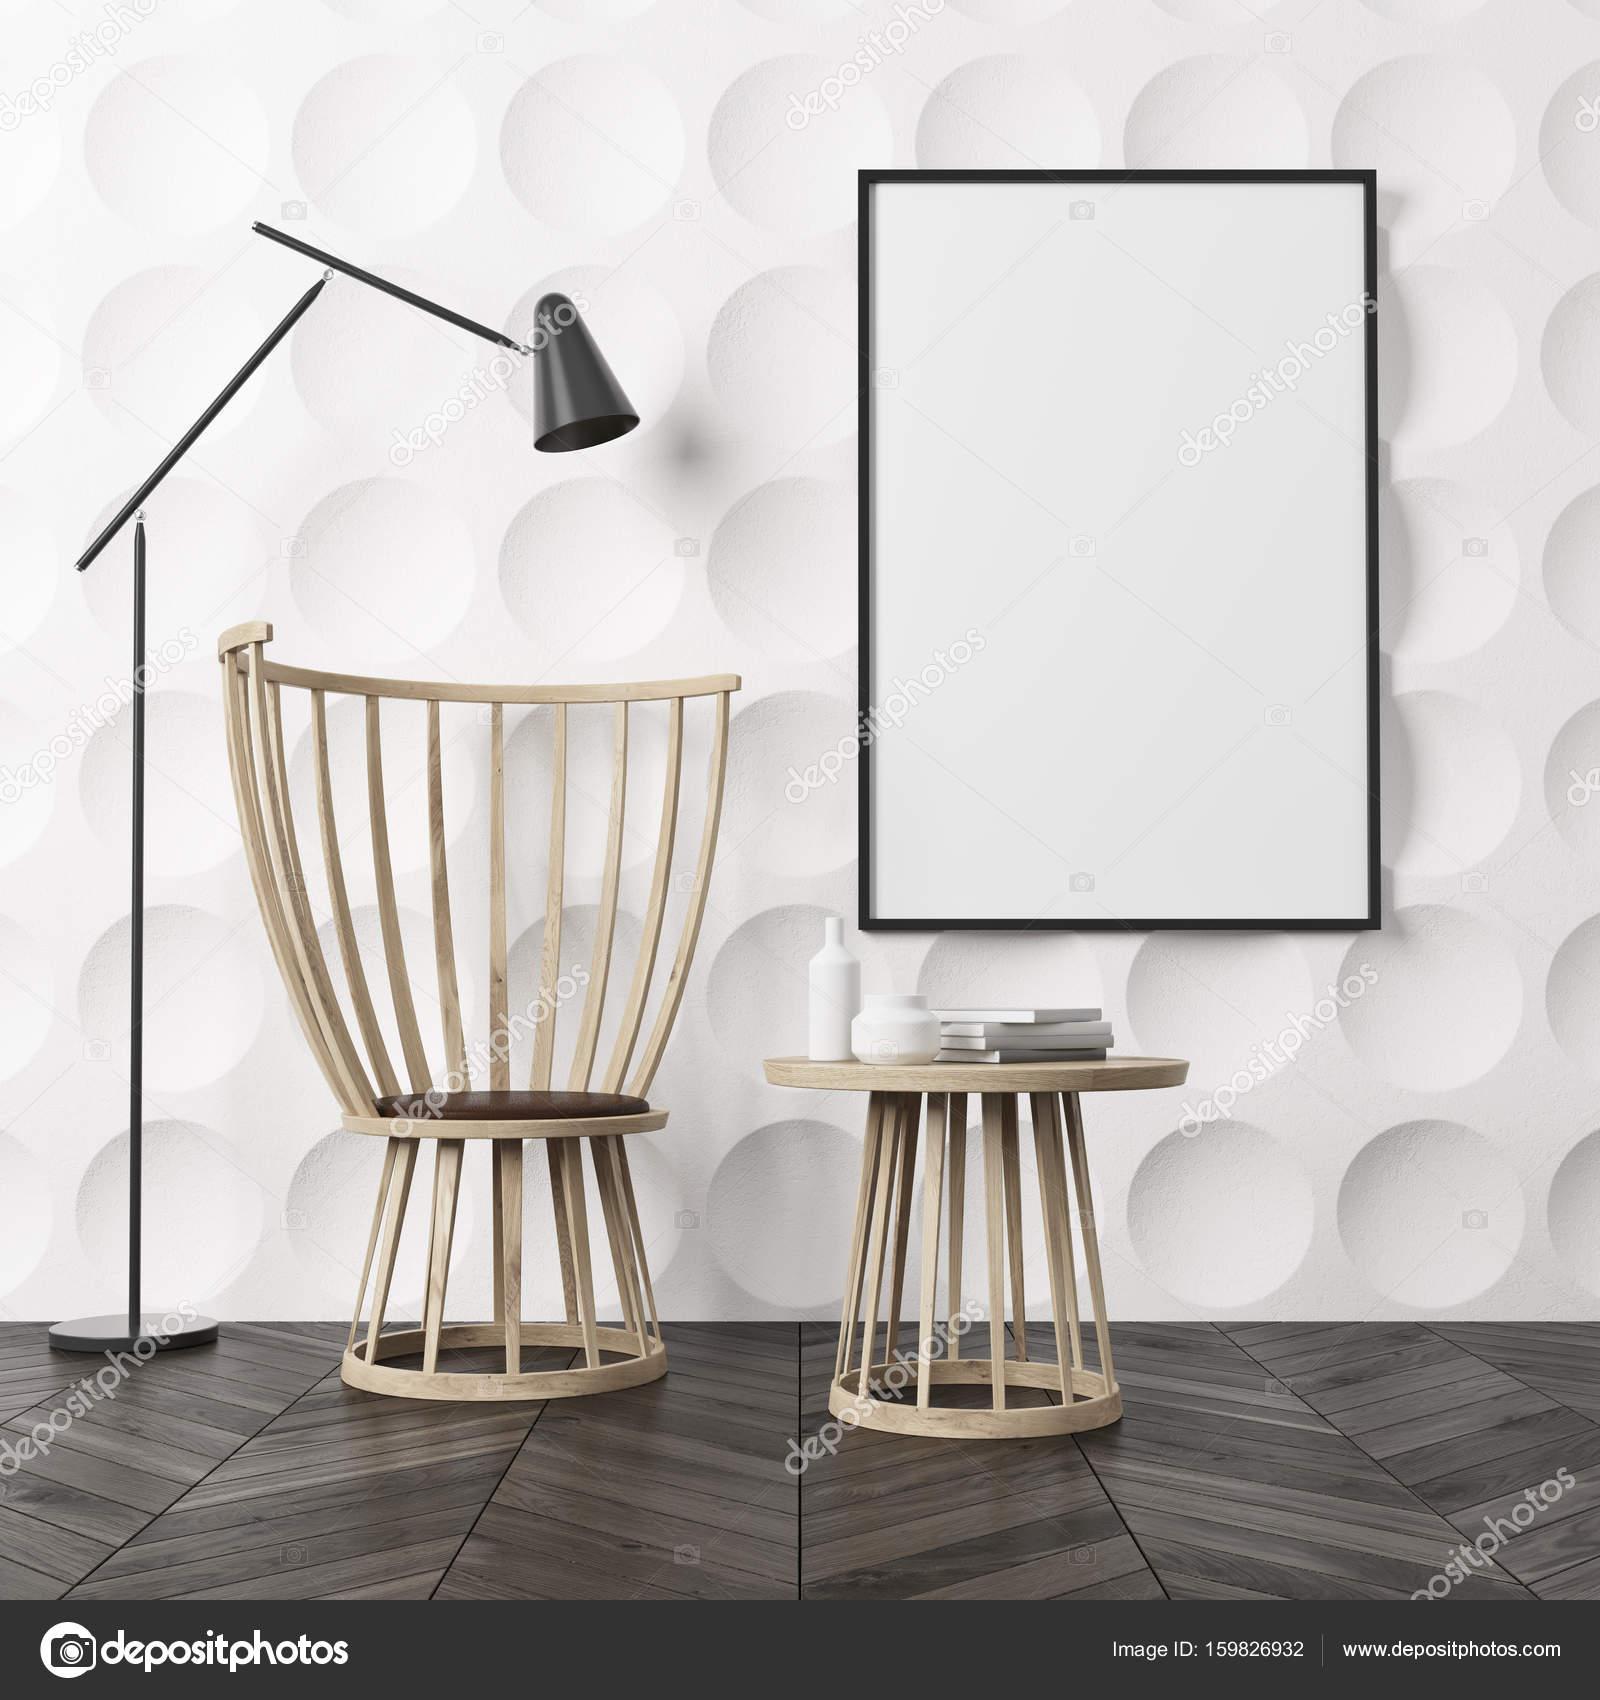 Leeren Raum Interieur Mit Weißer Kreis Muster Wände Und Einen Dunklen  Holzboden. Es Ist Ein Couchtisch Aus Holz Und Ein Stuhl, Ein Plakat An Der  Wand Und ...